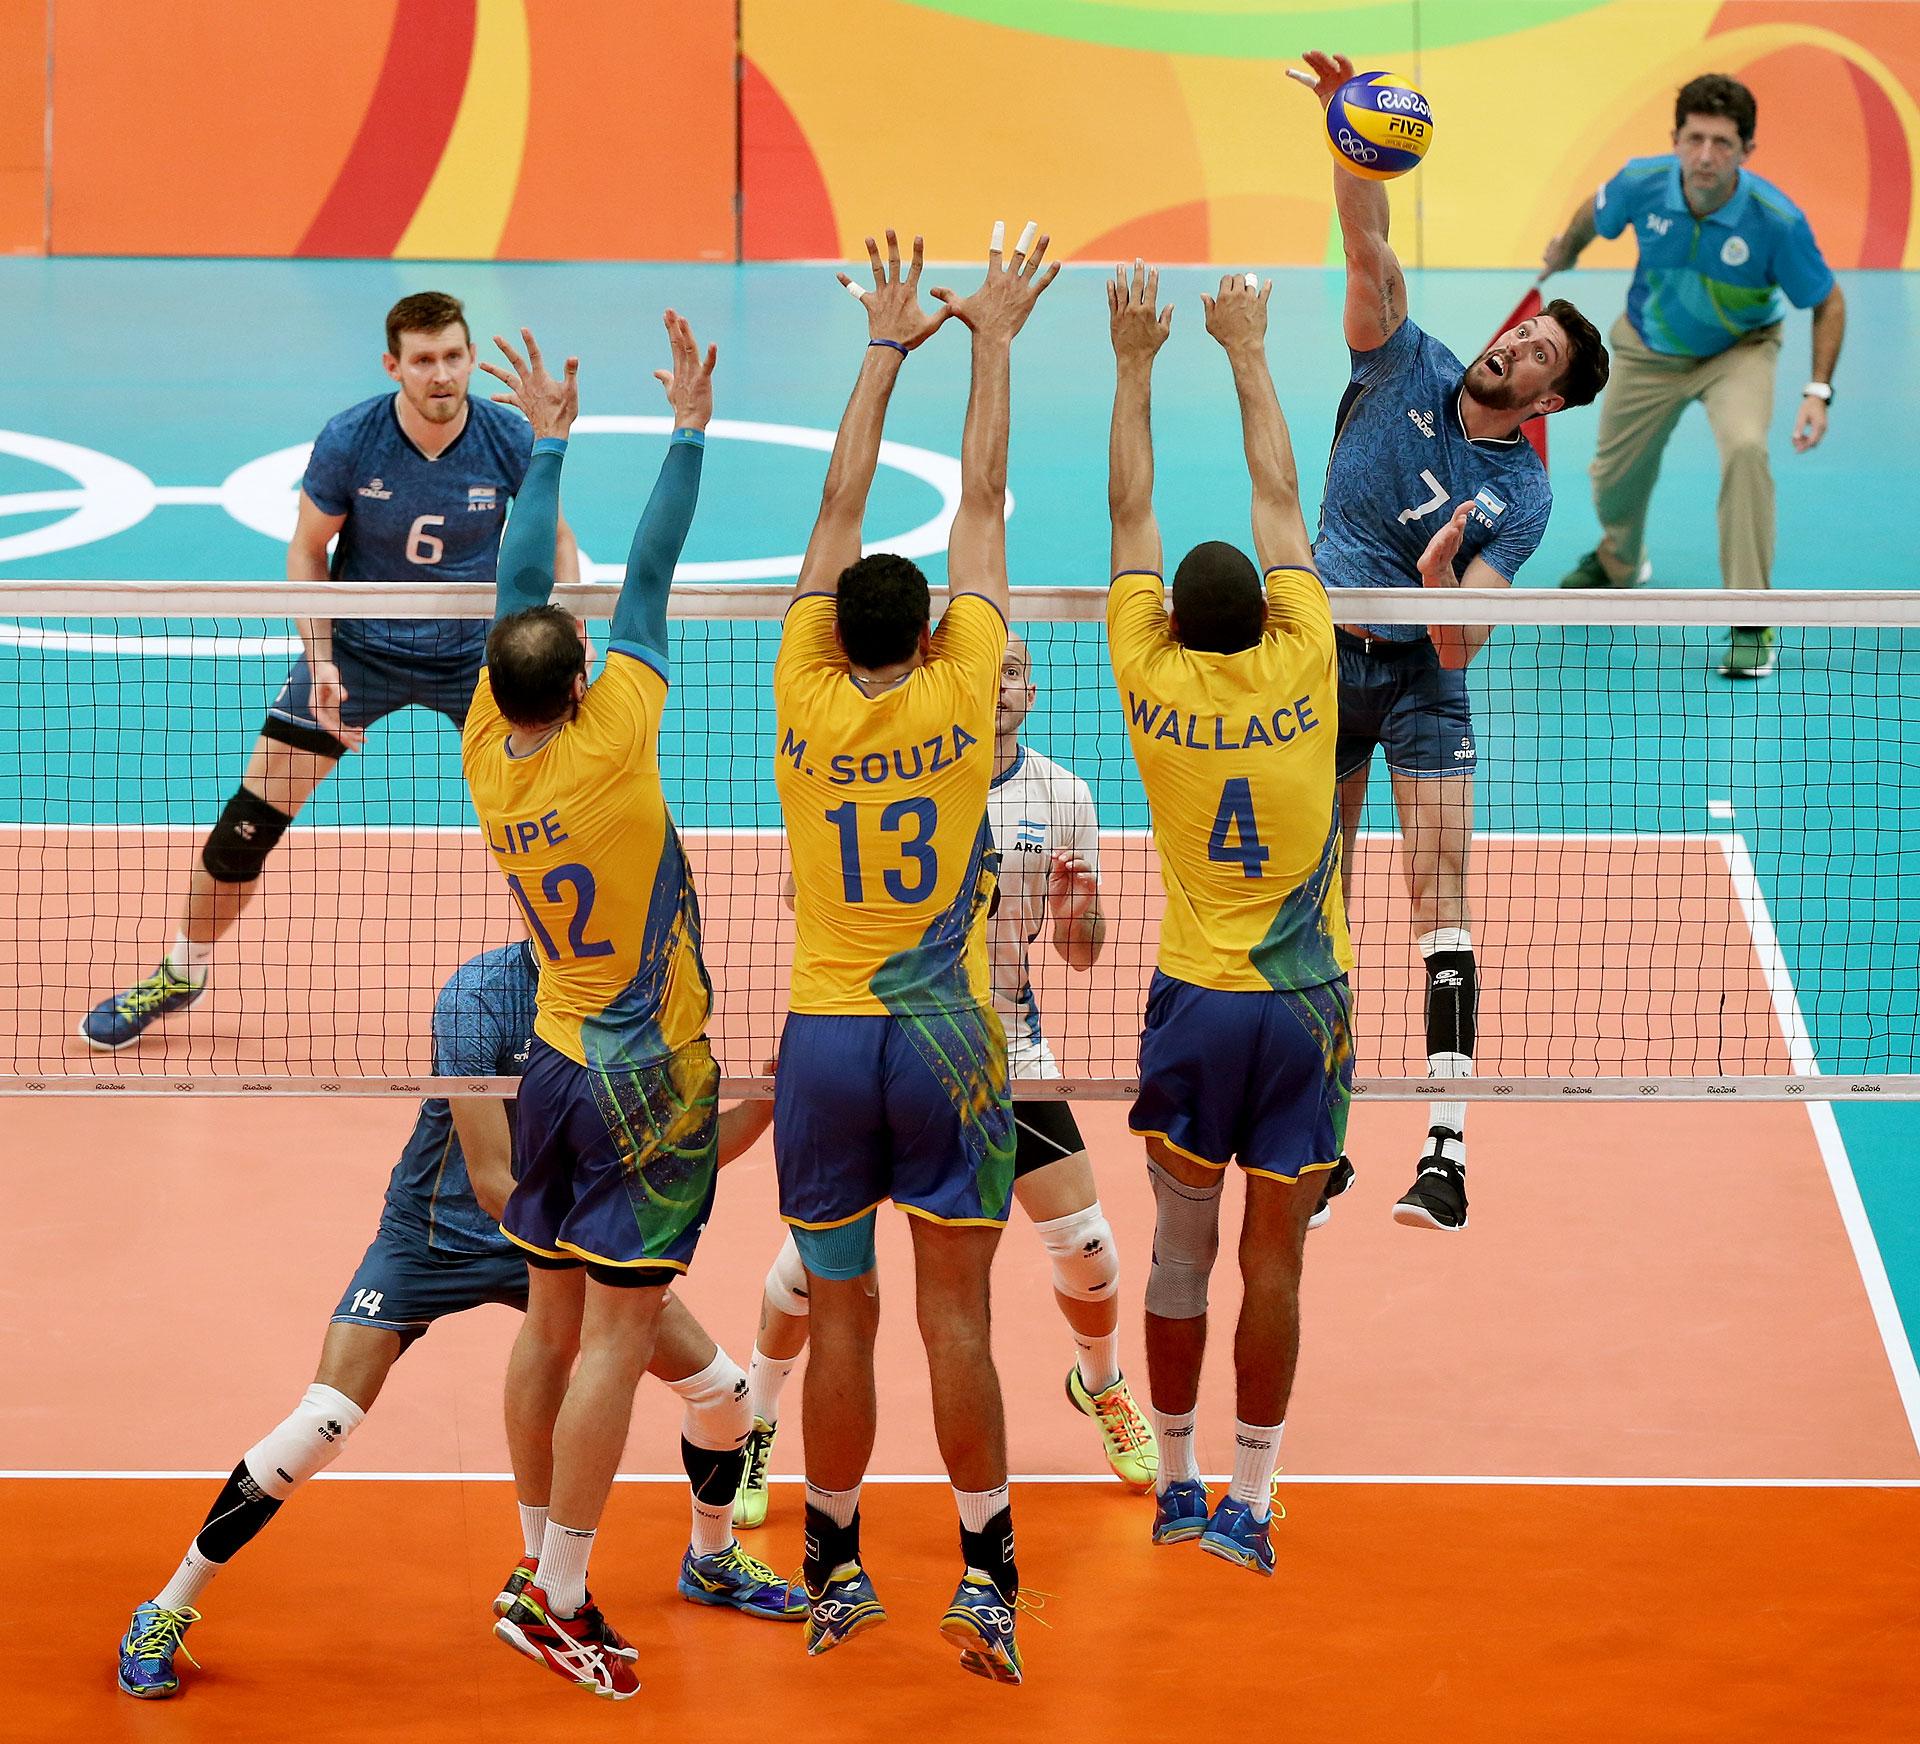 Facundo Conte pega ante el bloqueo brasileño. Argentina no pudo y quedo eliminada en el Maracanazinho de Río de Janeiro (Nicolás Stulberg)